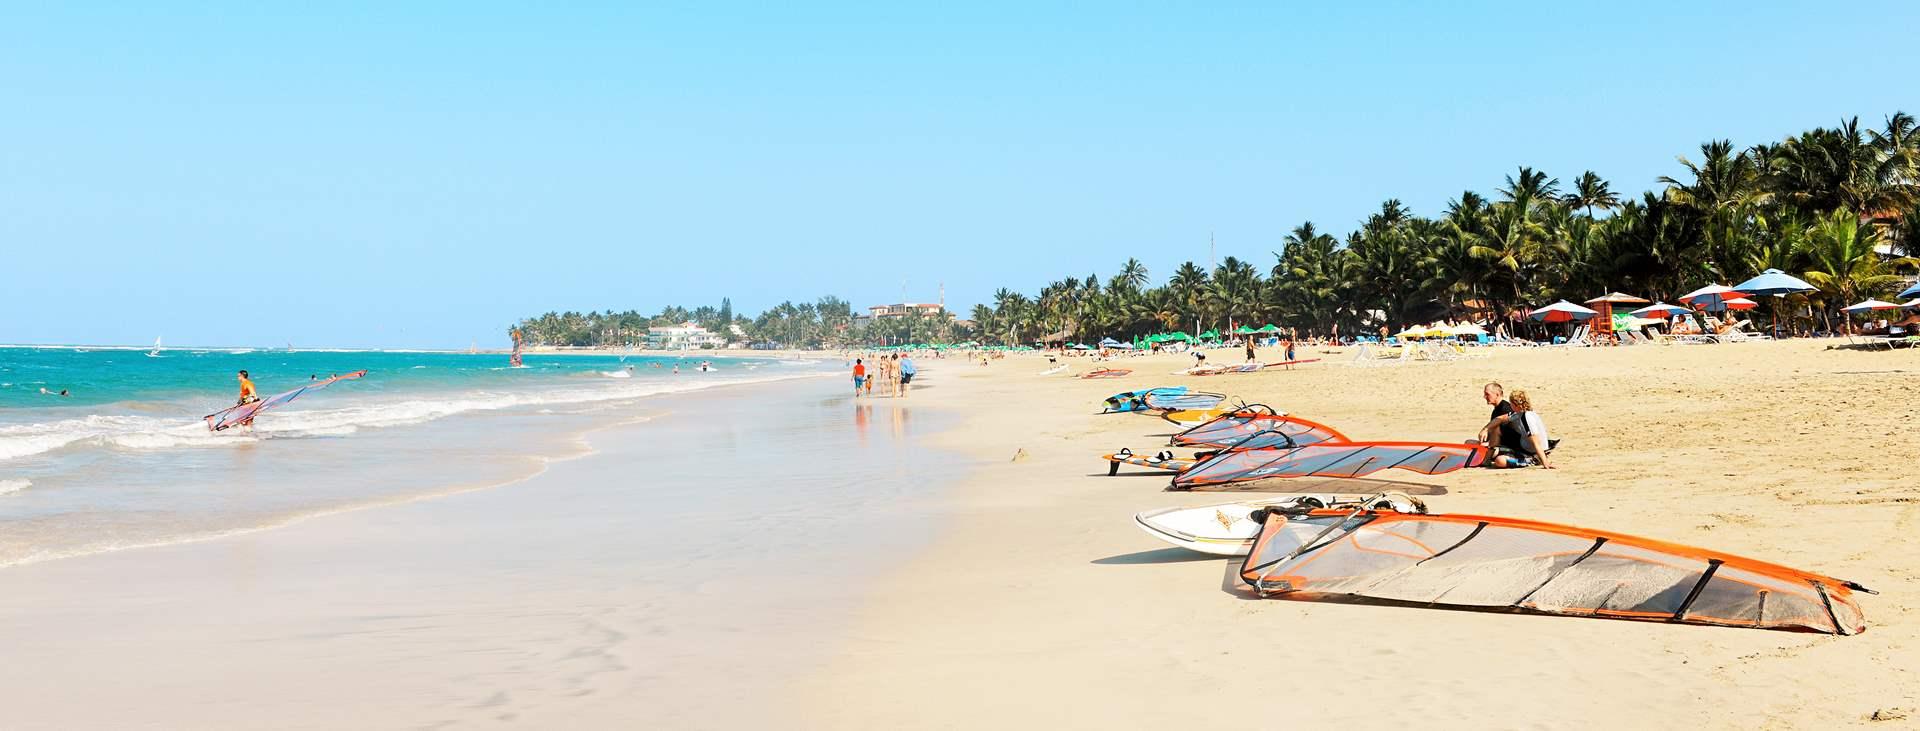 Cabarete on viihtyisä rantalomakohde Dominikaanisen tasavallan pohjoisrannikolla